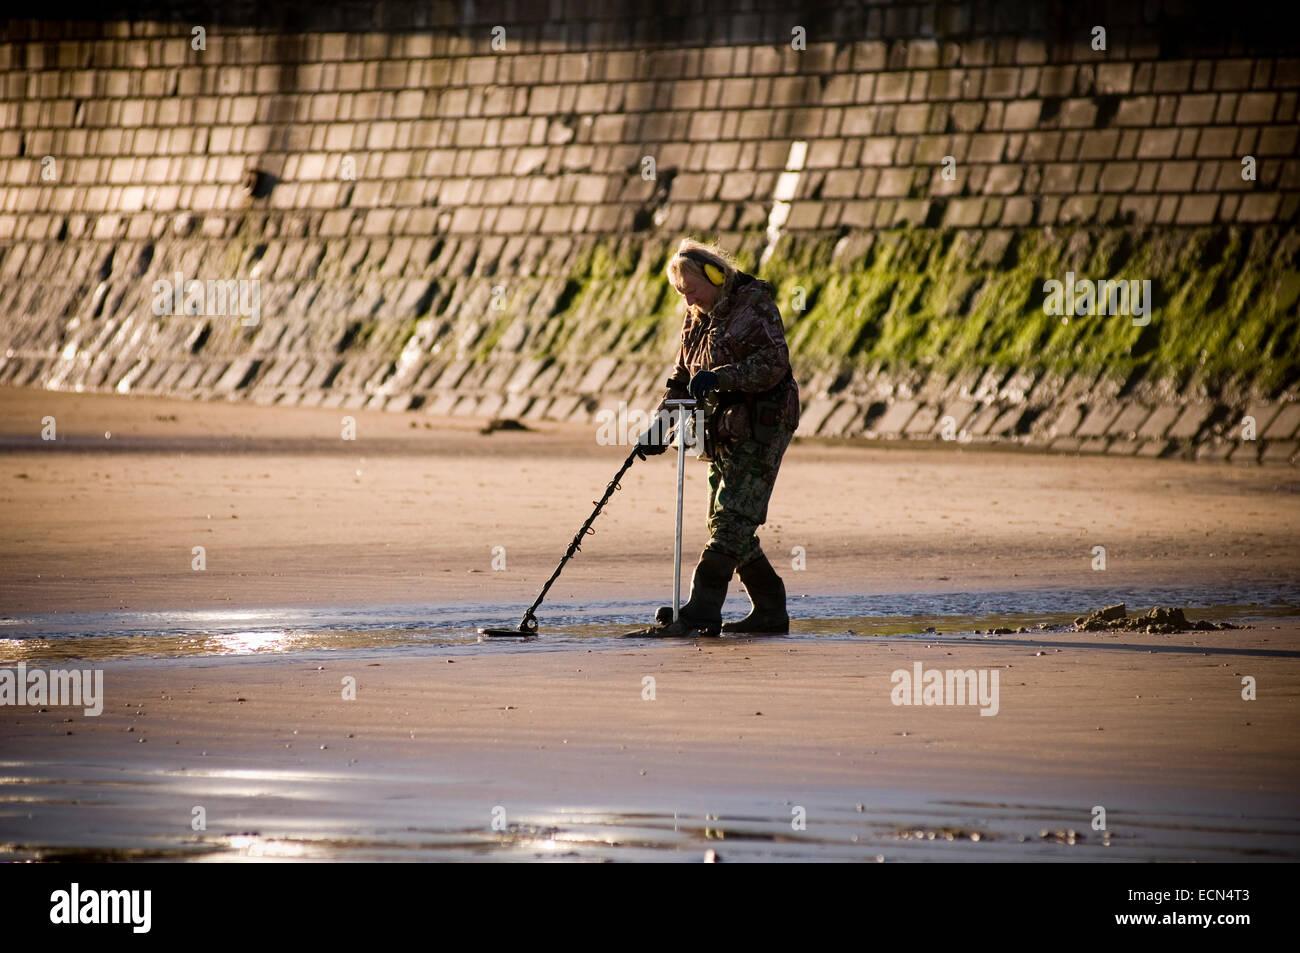 detectors metaldetector metaldetectors hunting dig digging up lost buried detecting beach beaches combing man comber - Stock Image